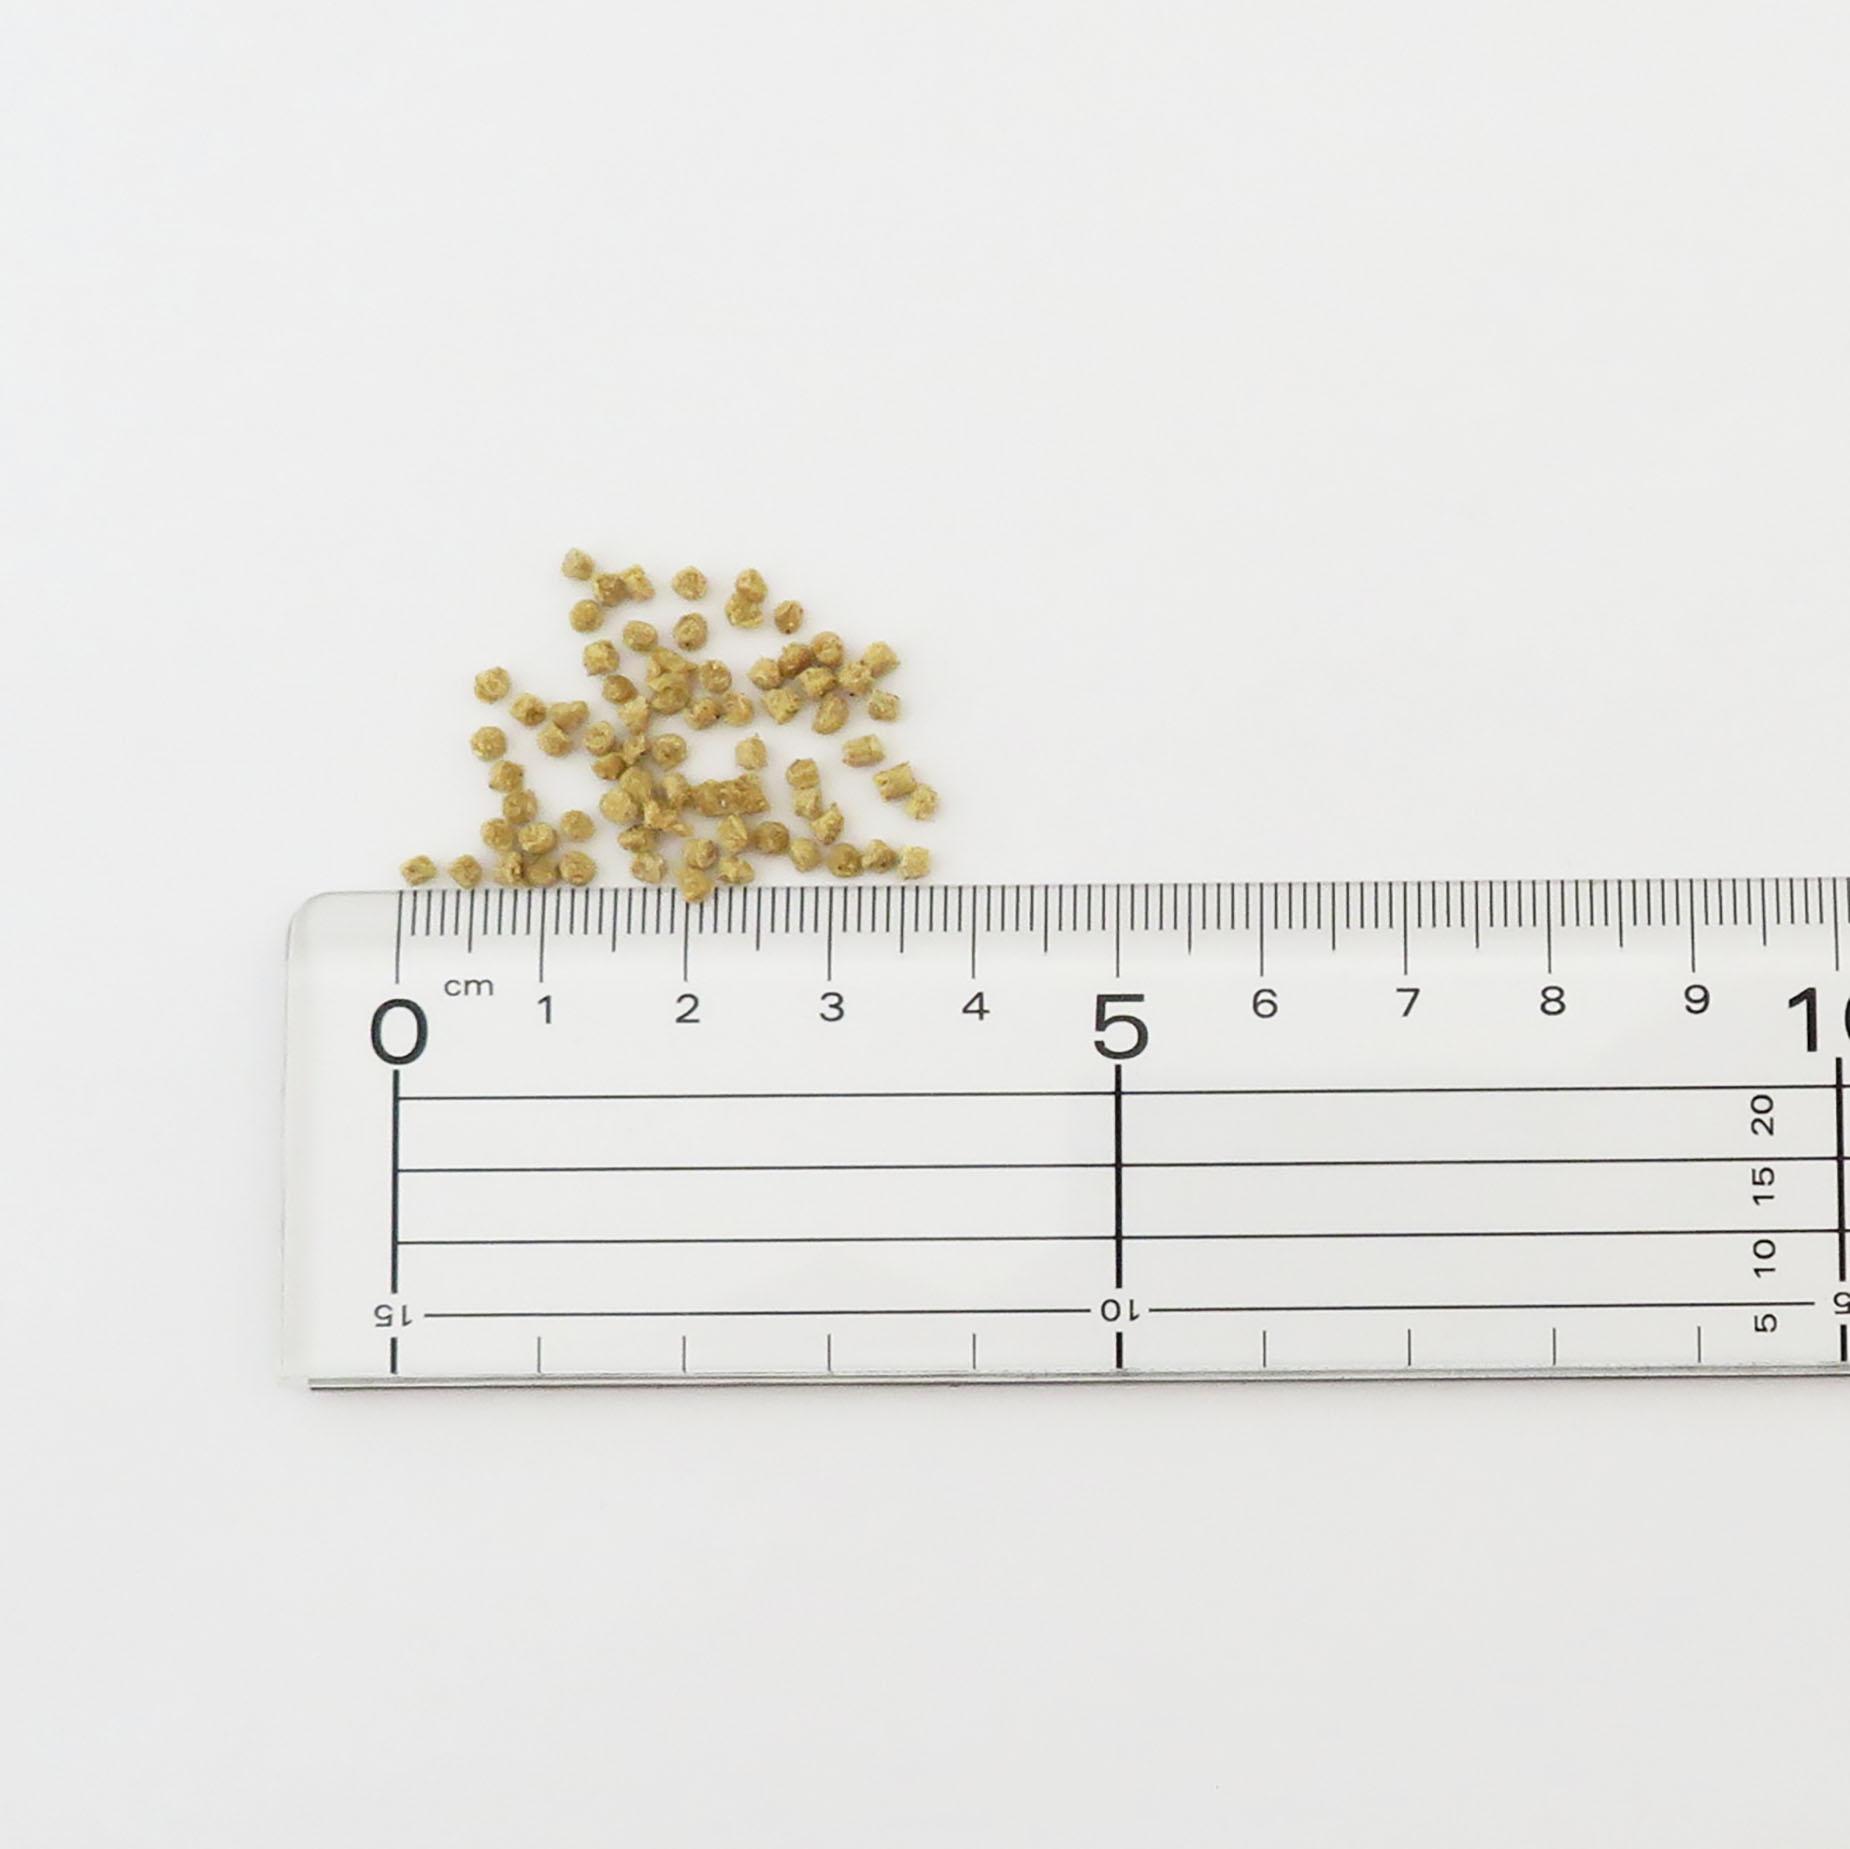 【ペレット小分け】ケイティ社ナチュラル[コッカティル]100g